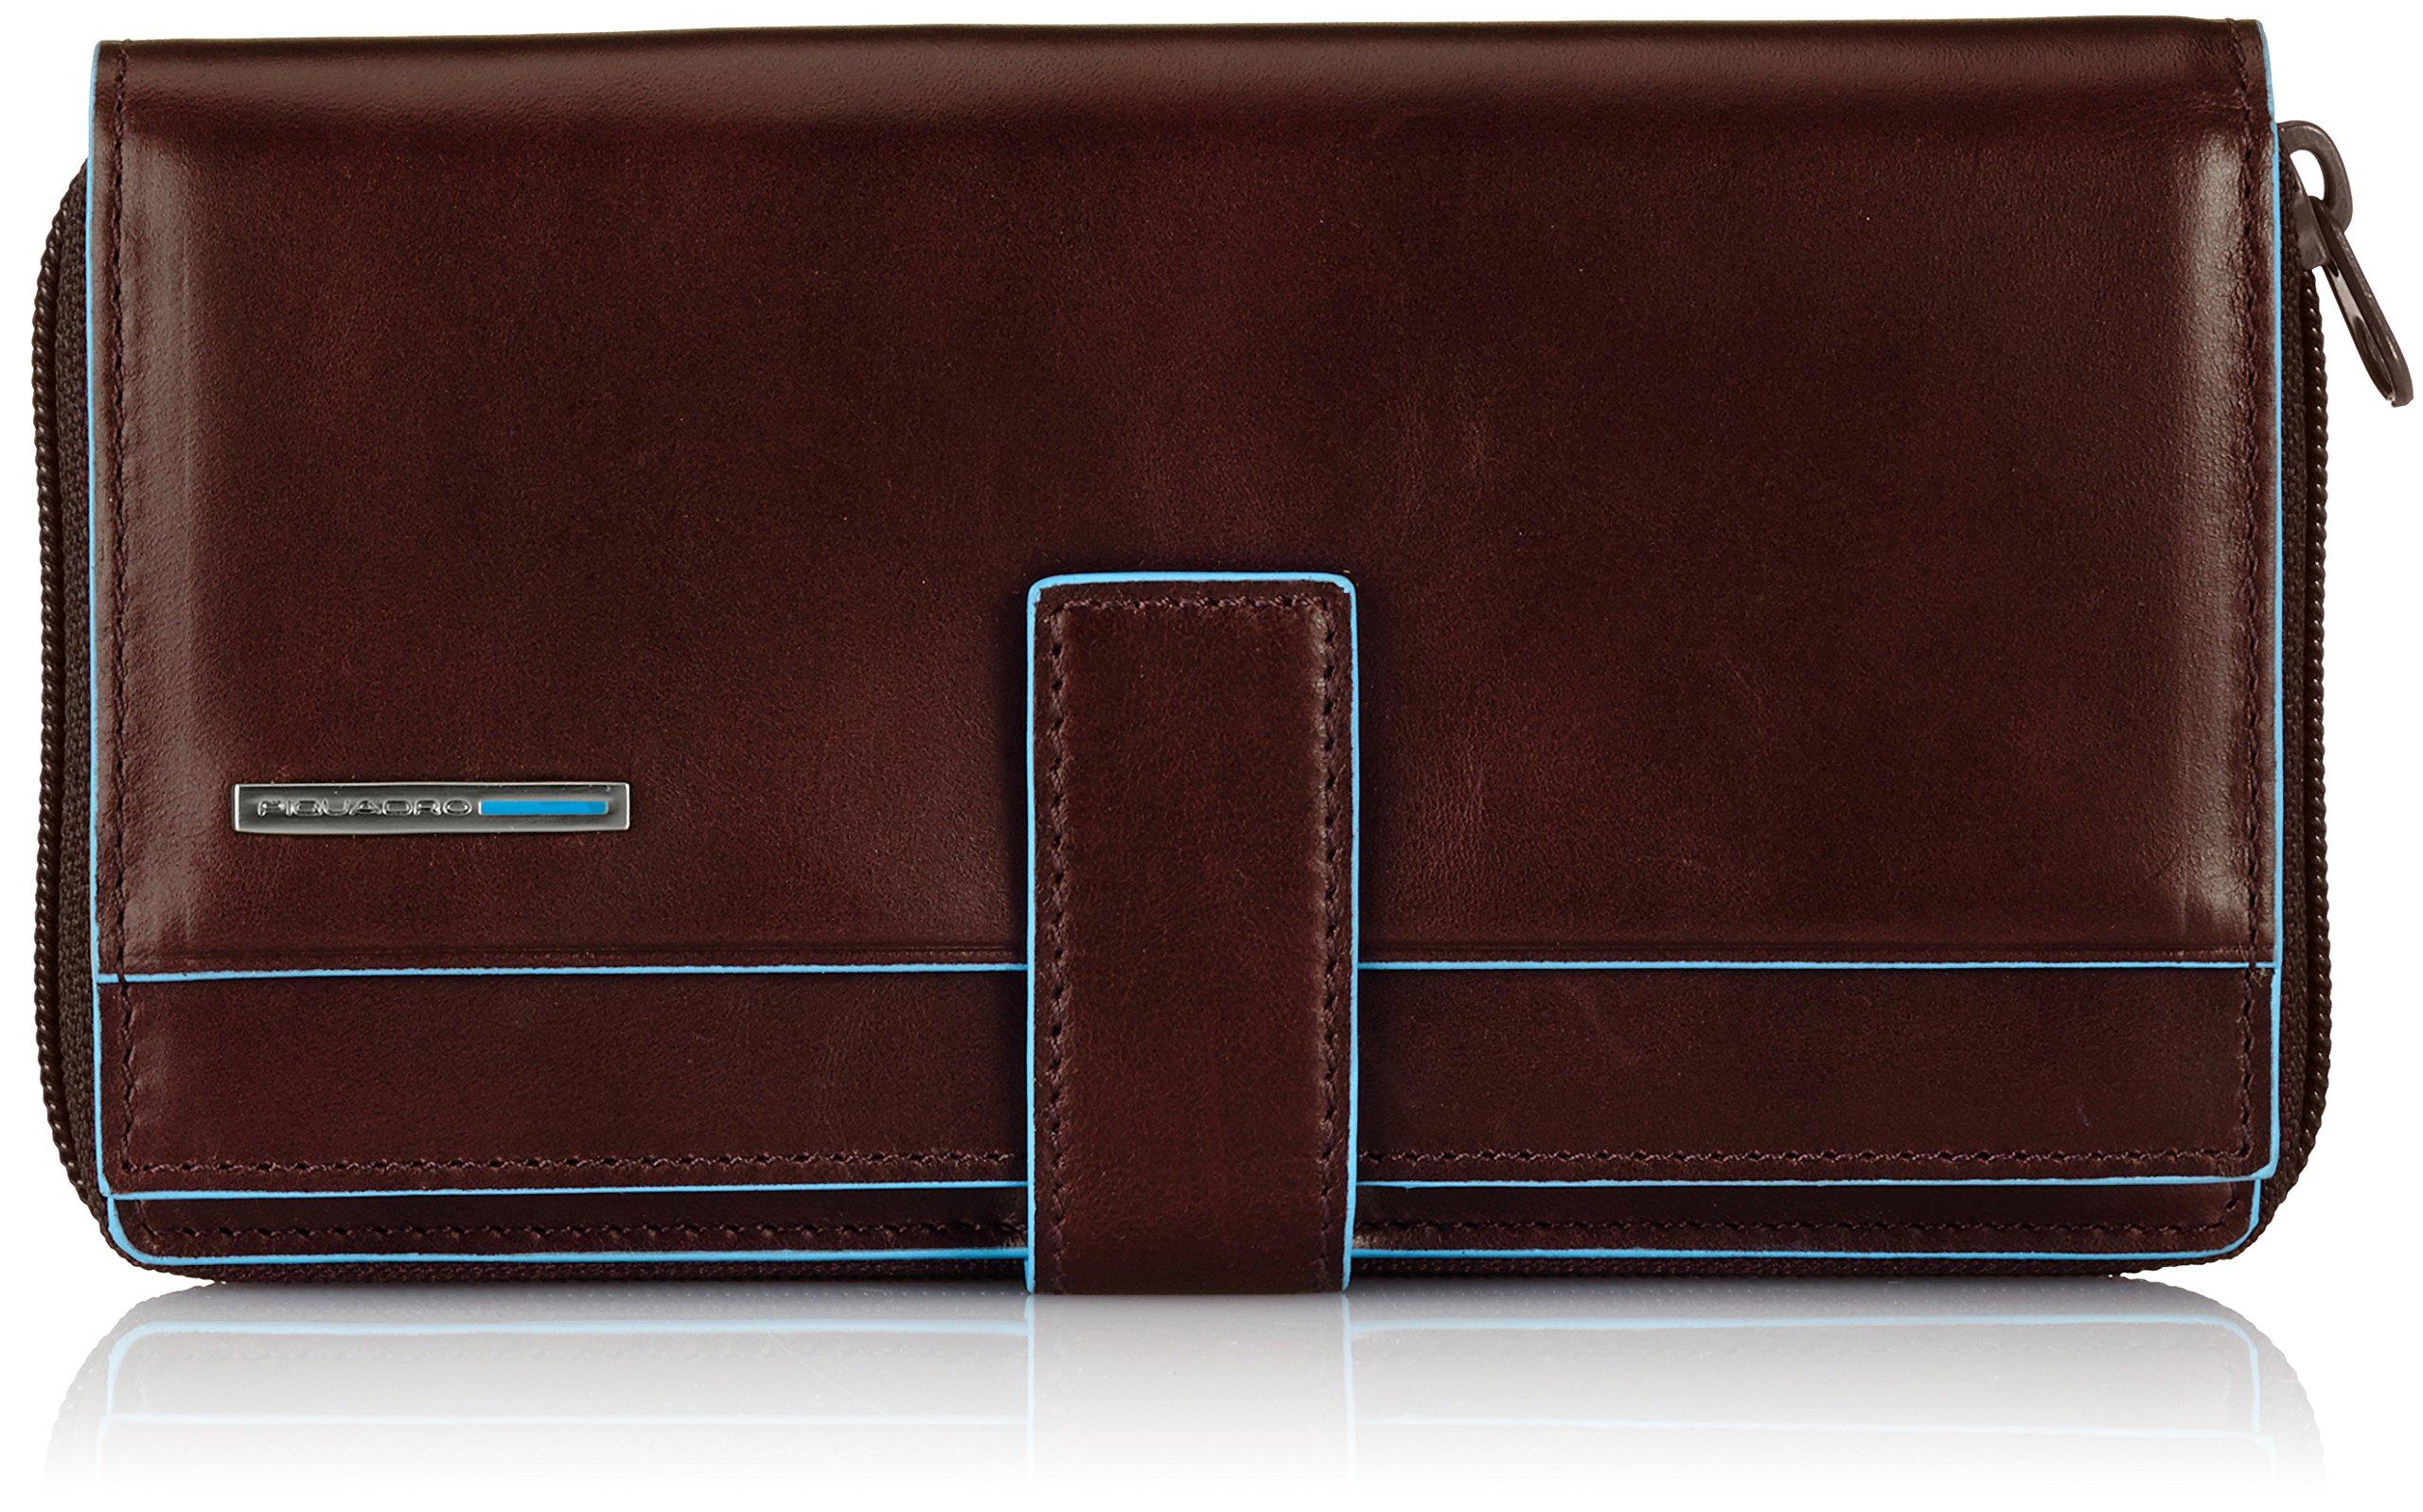 Piquadro Lady's Wallet In Leather, Mahogany/Mahogany, One Size